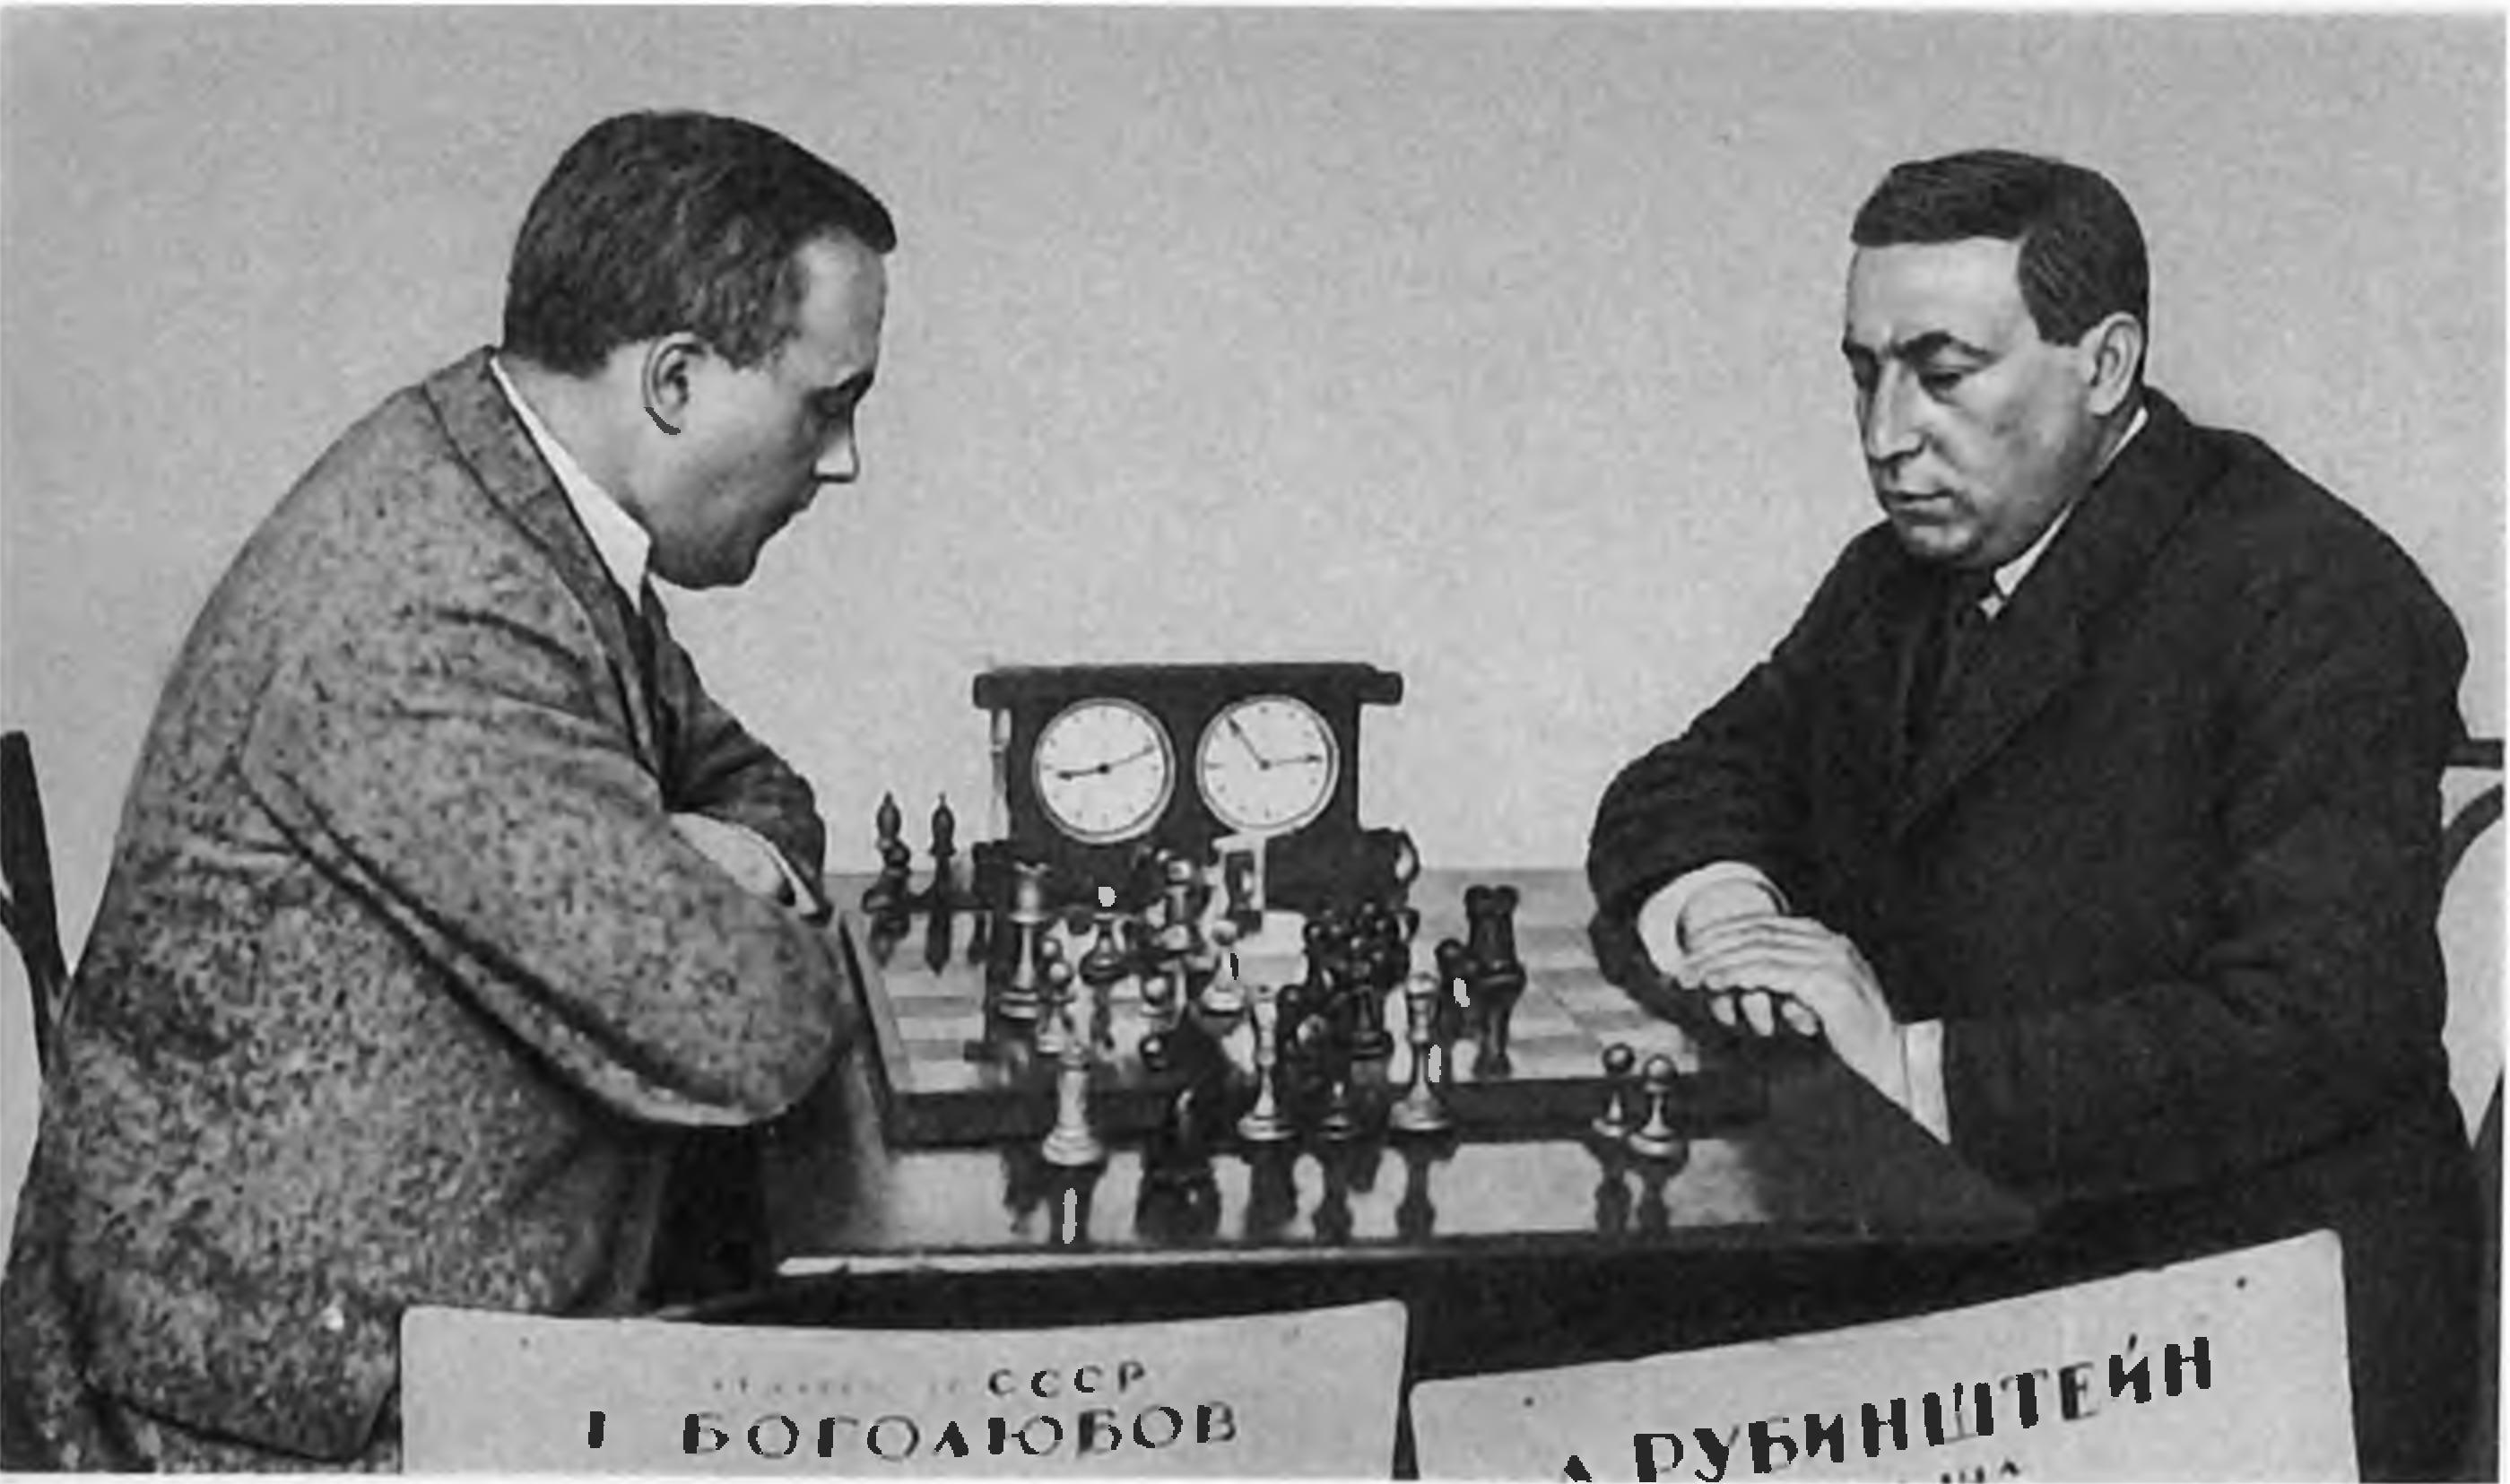 Bogoljubov - Rubinstein